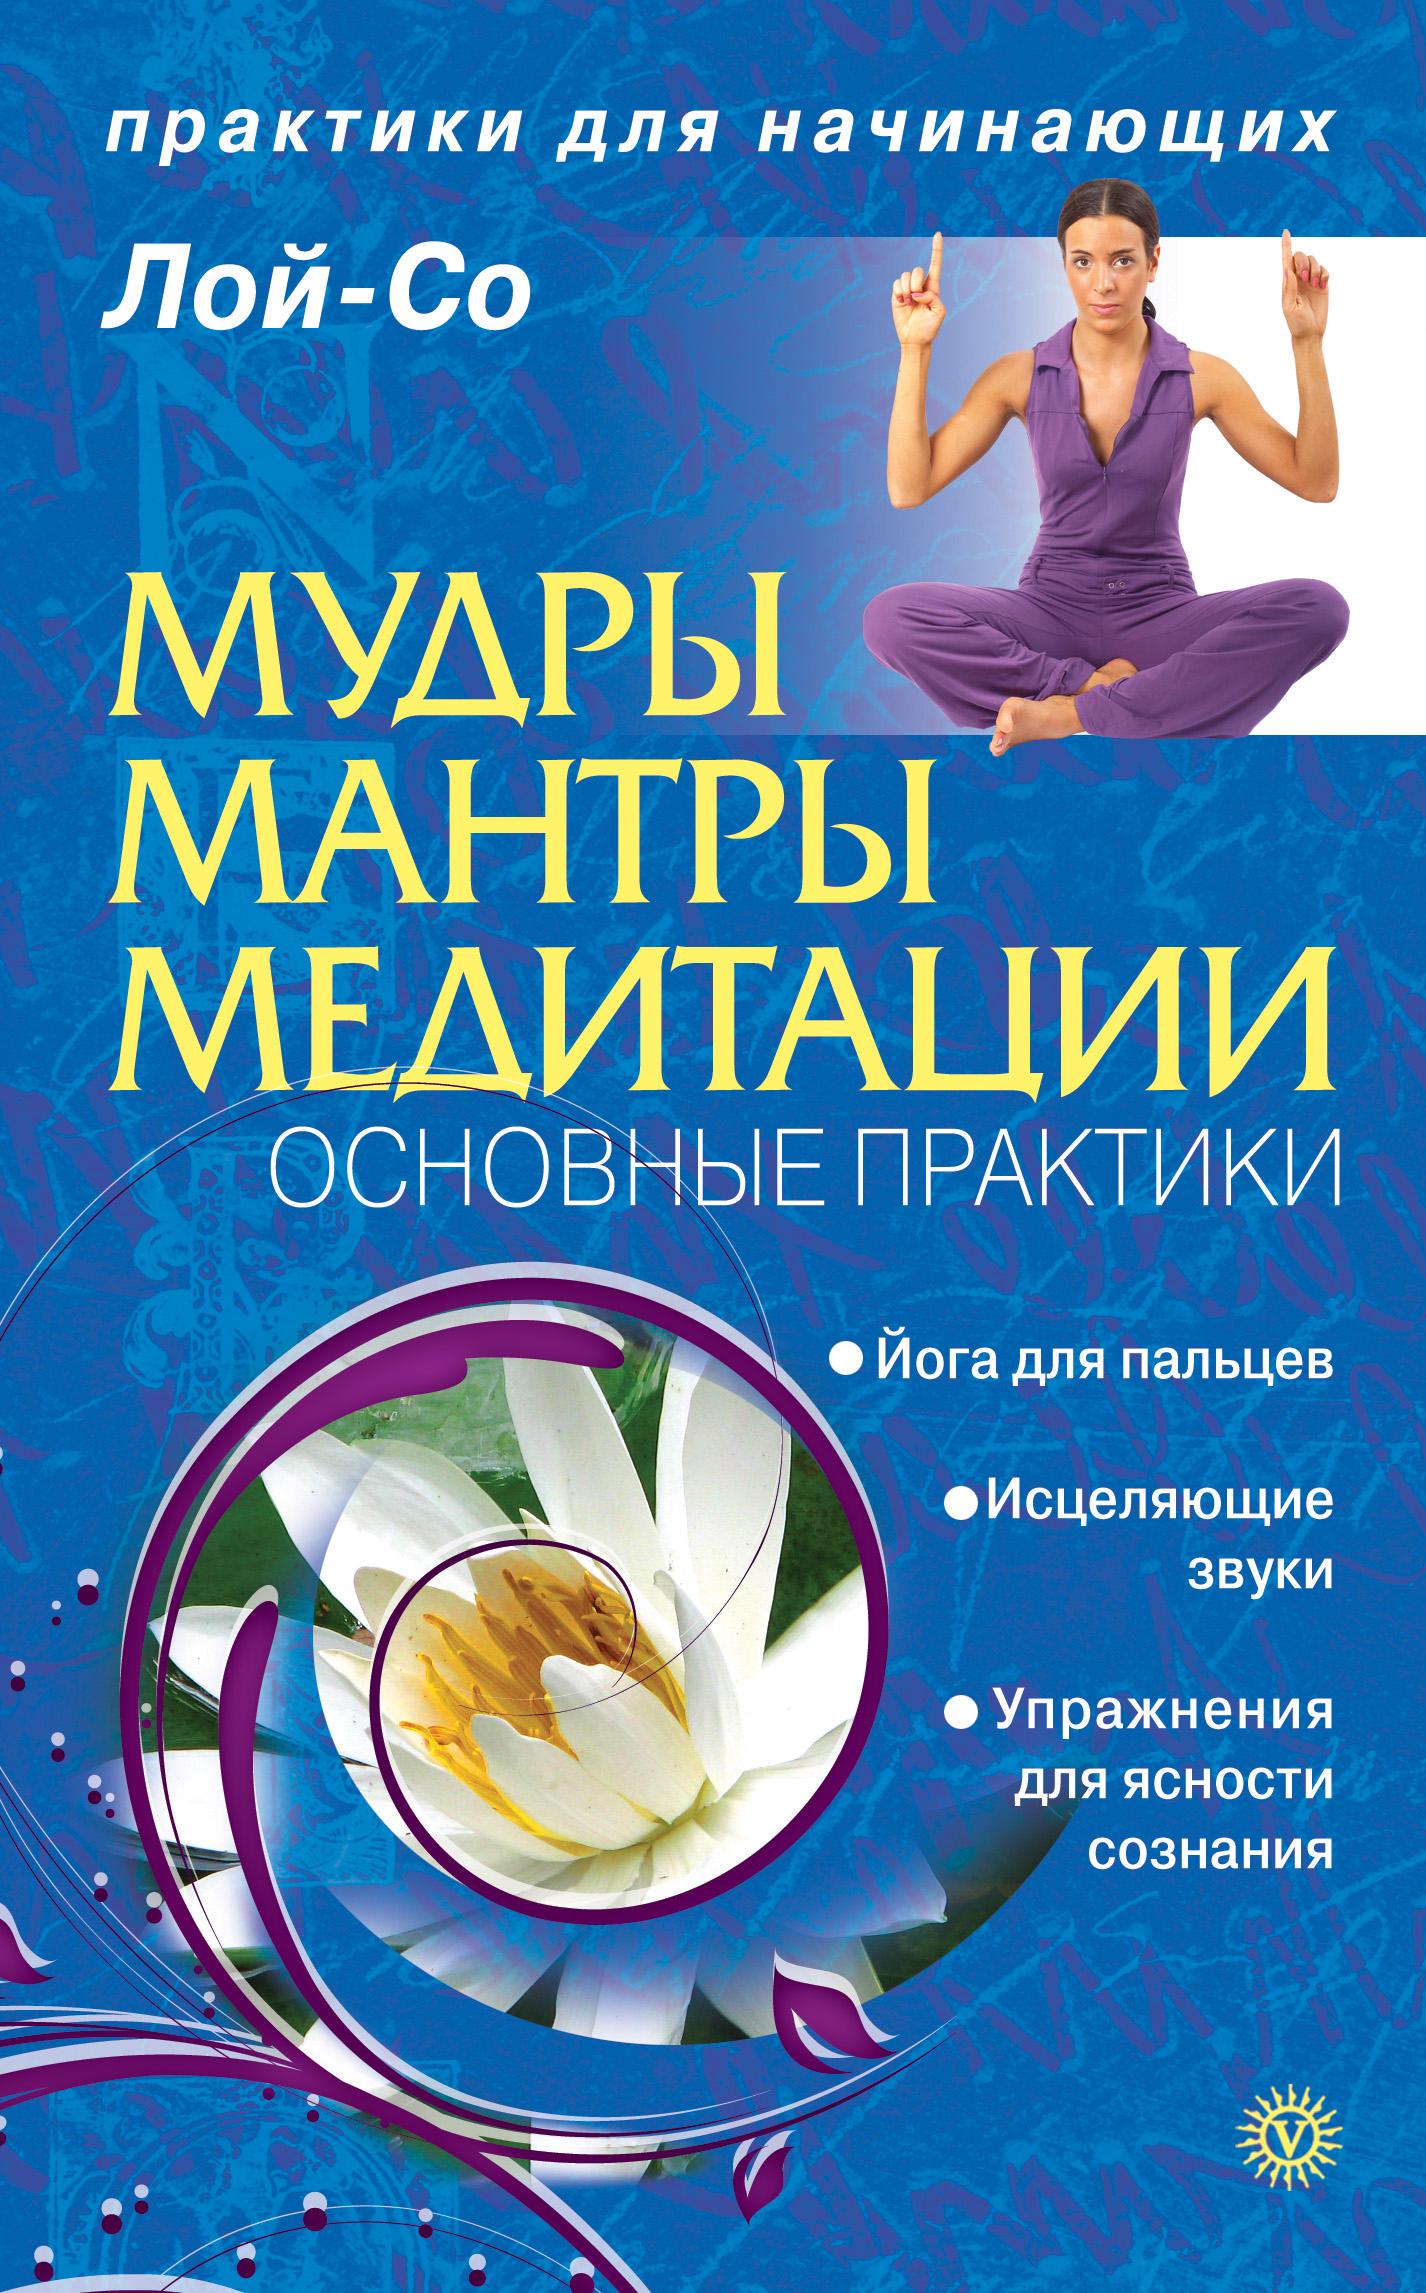 Лой-Со Мудры. Мантры. Медитации. Основные практики и шен мудры и мантры для здоровья успеха любви